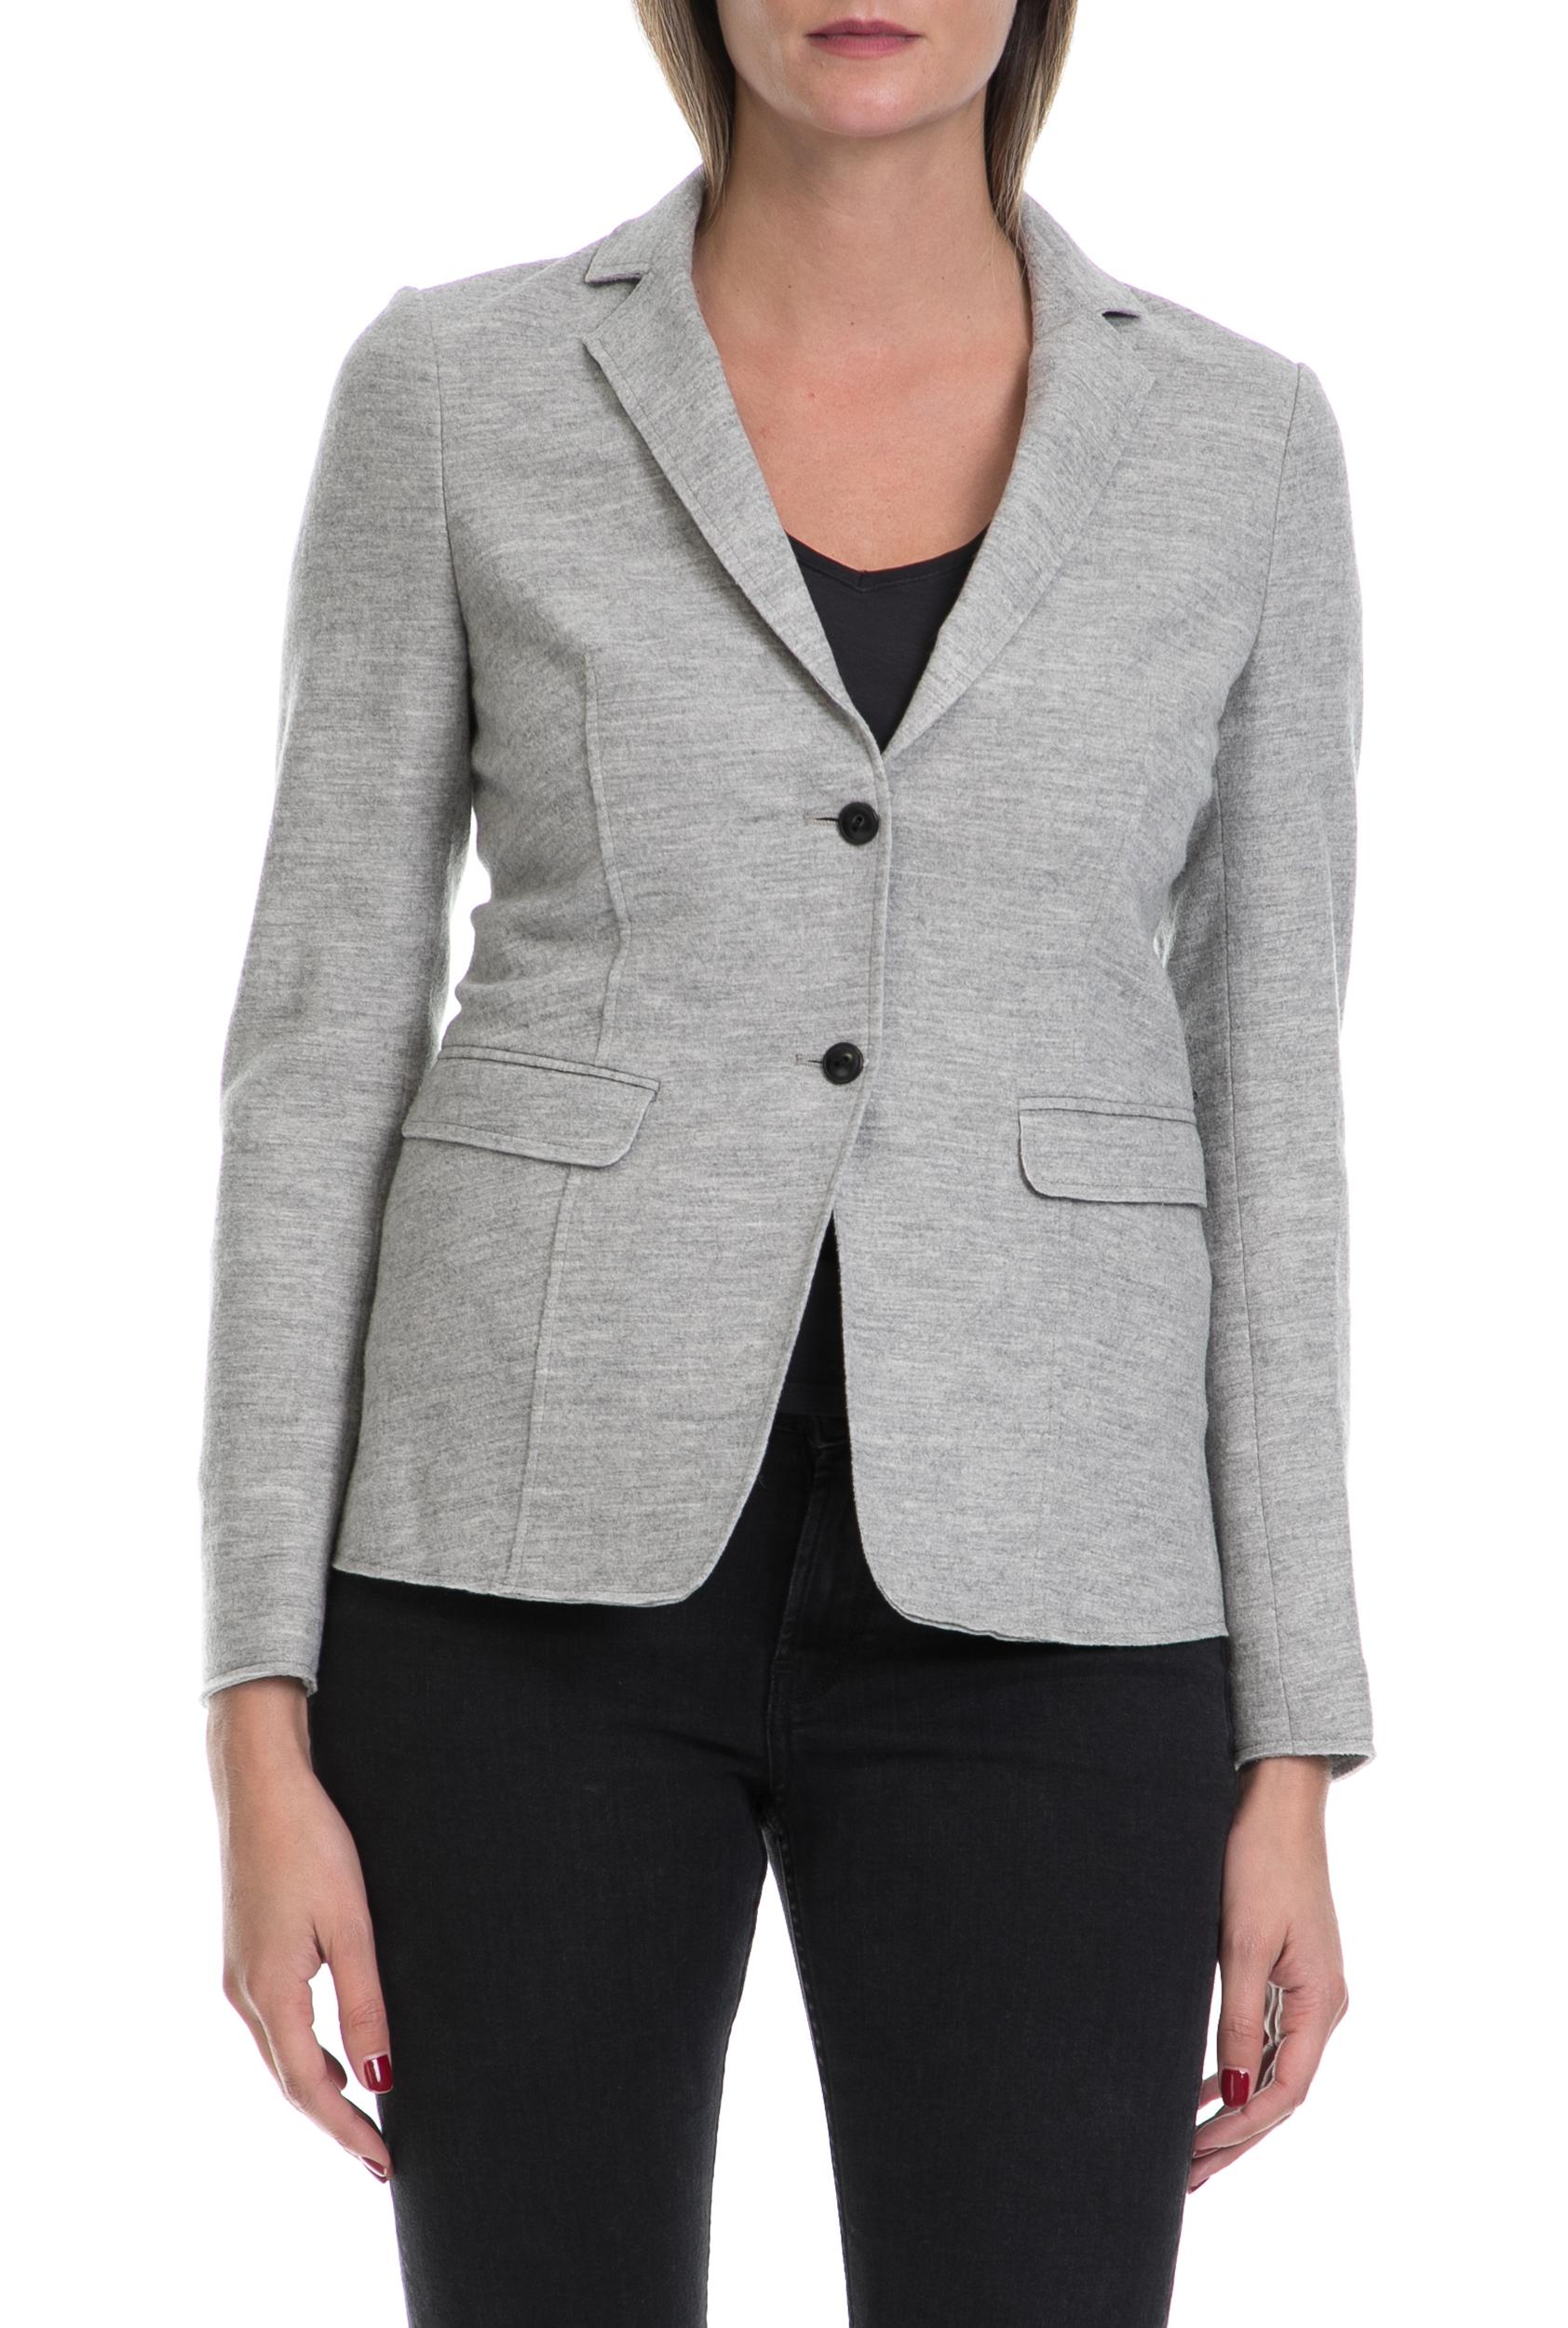 SCOTCH & SODA - Γυναικείο σακάκι MAISON SCOTCH γκρι γυναικεία ρούχα πανωφόρια σακάκια